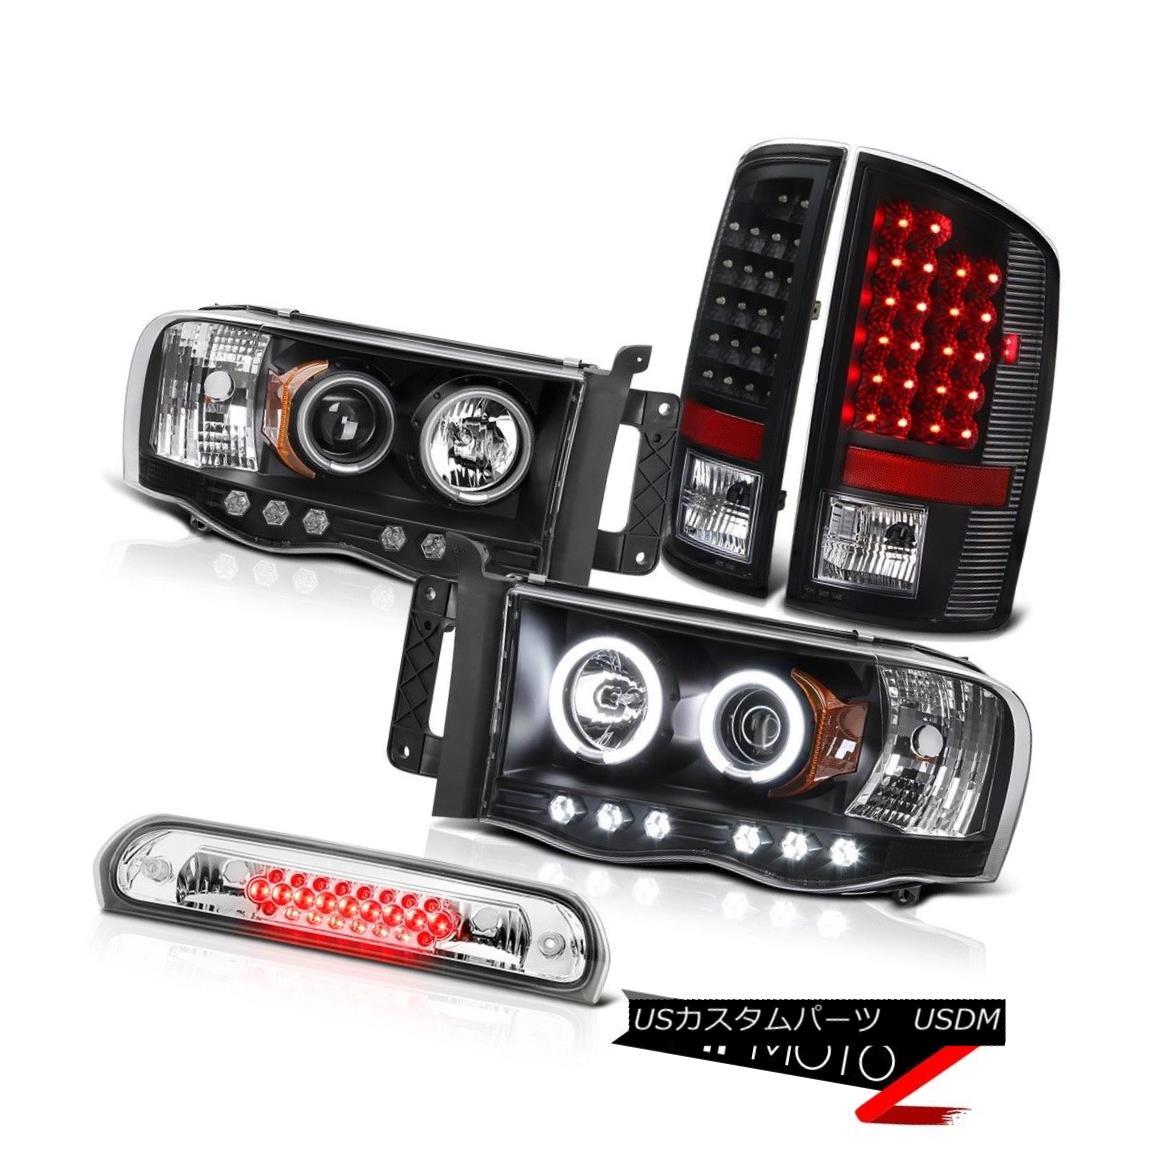 テールライト Black CCFL Ring Headlights Tail Light Assembly LED Roof Brake Cargo 02-05 Ram V6 ブラックCCFLリングヘッドライトテールライトアセンブリLED屋根用ブレーキカーゴ02-05 Ram V6